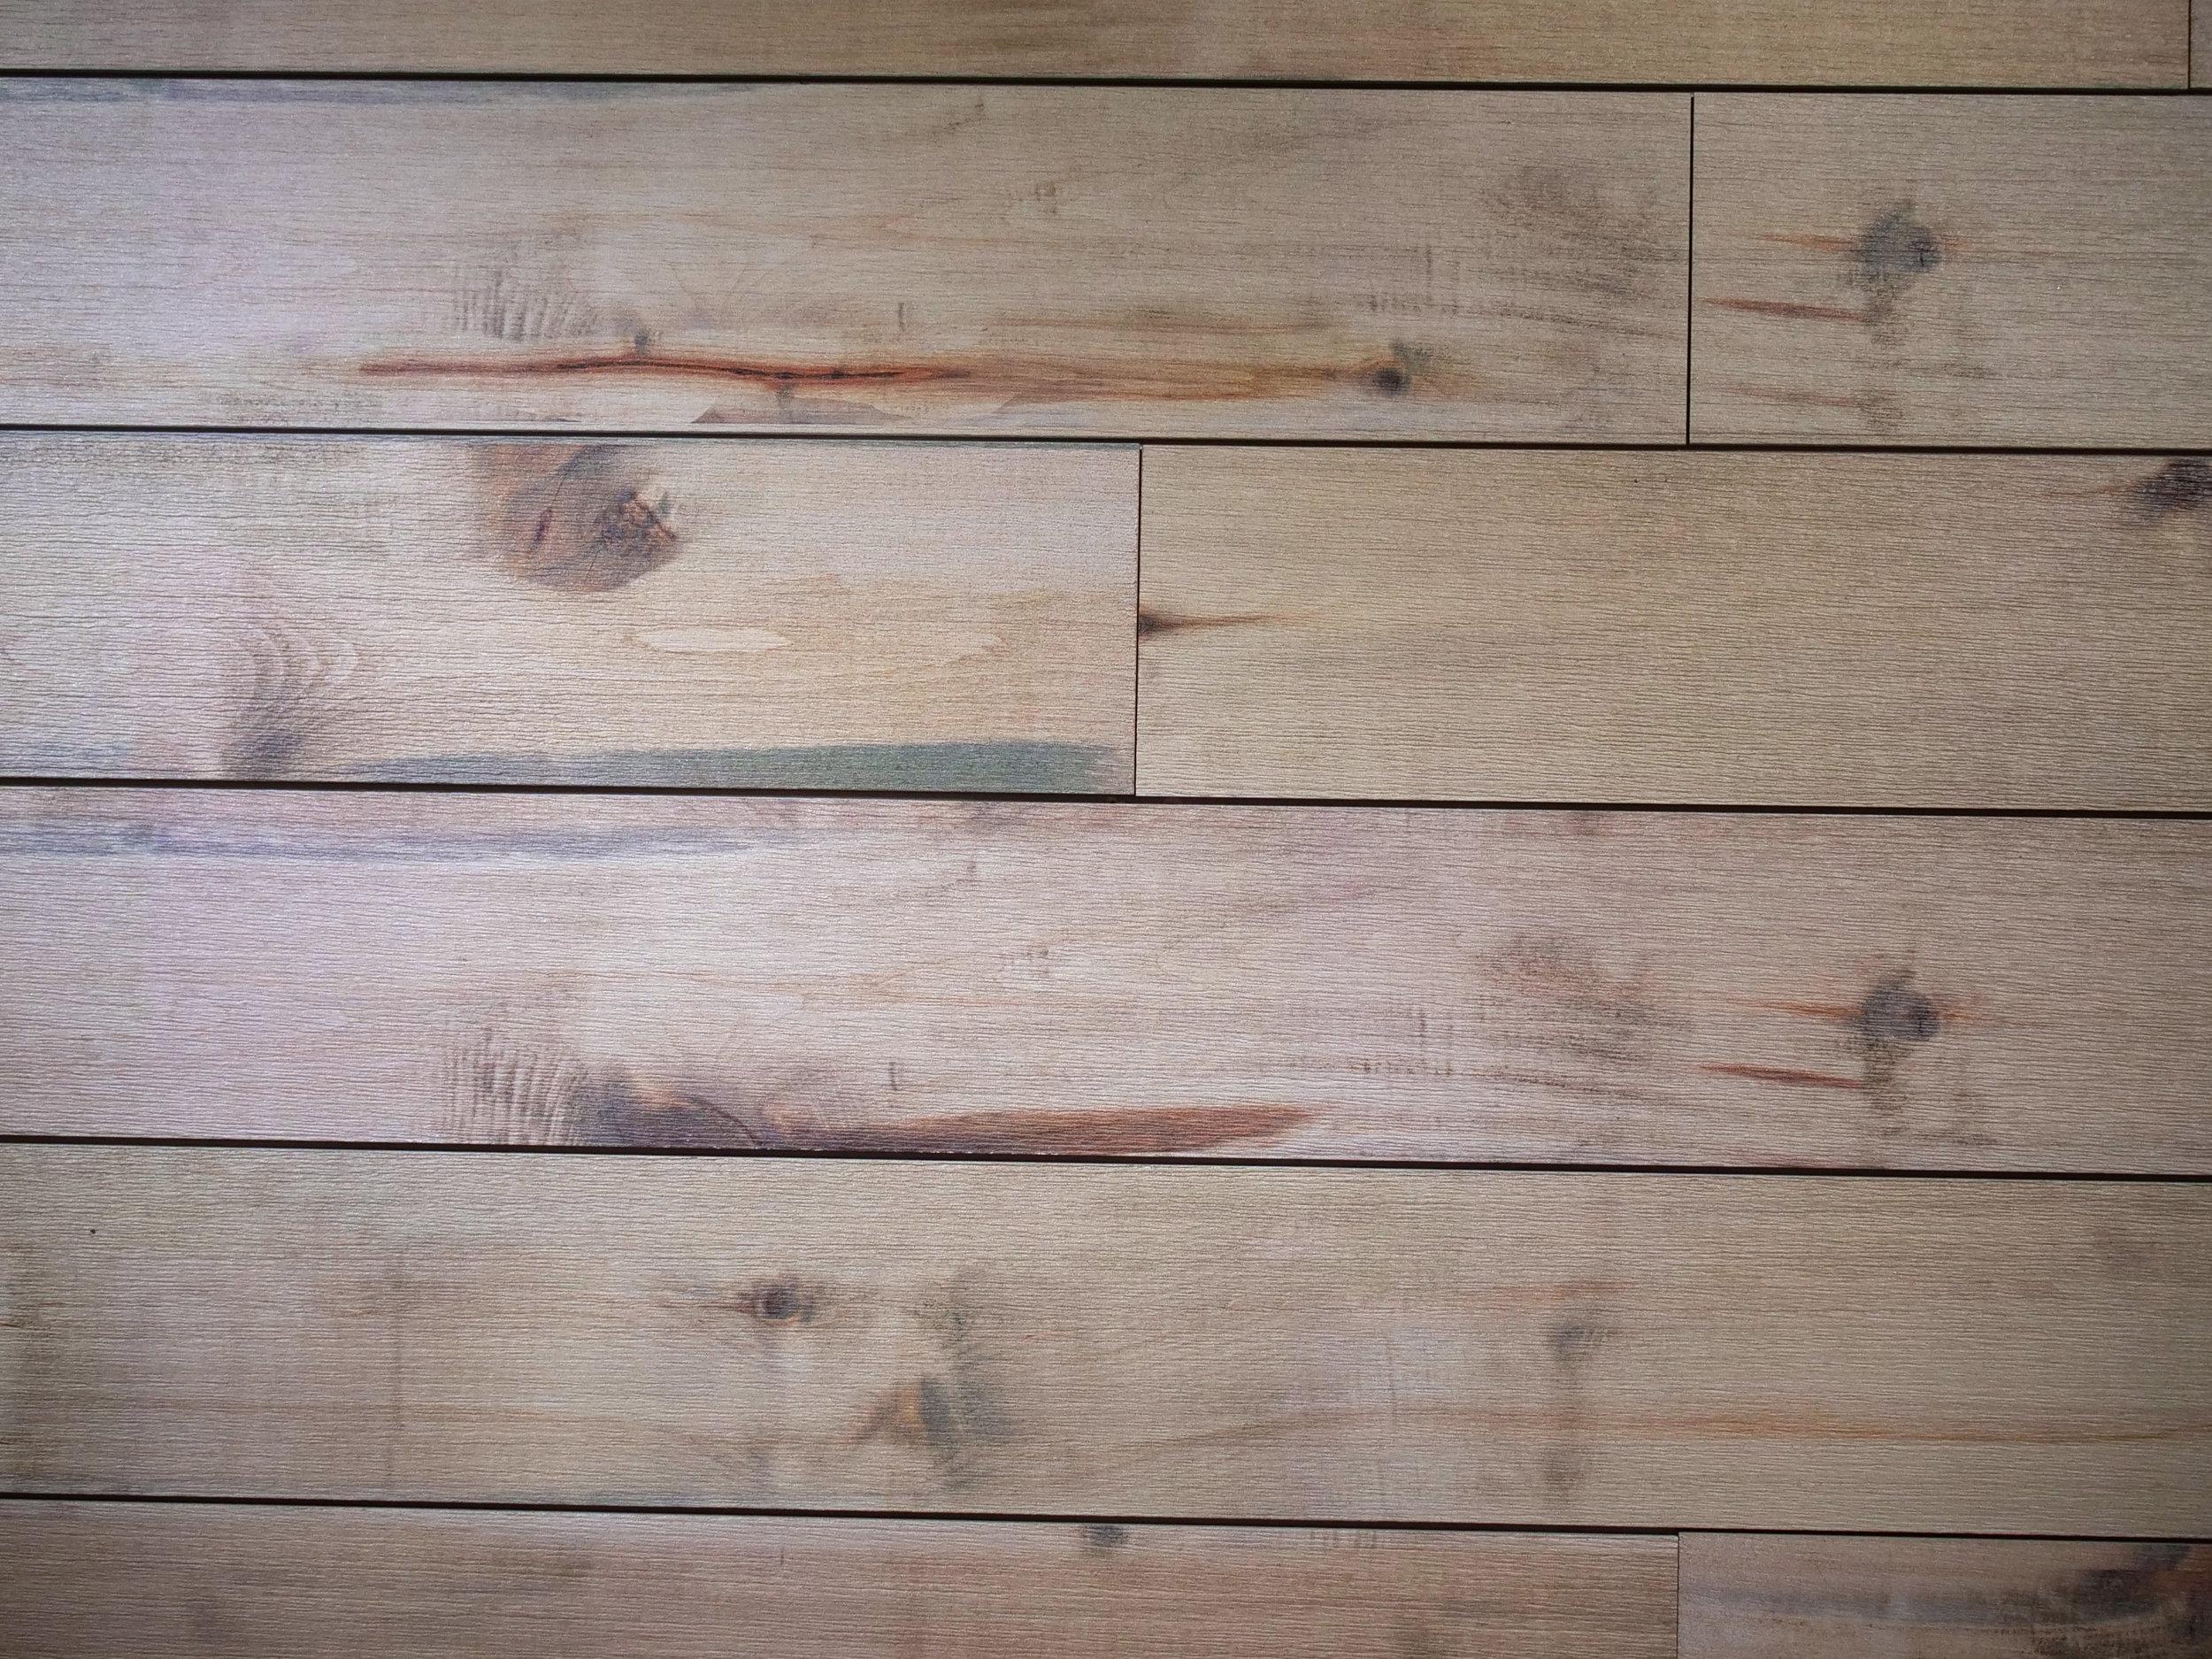 driftwood med.jpg